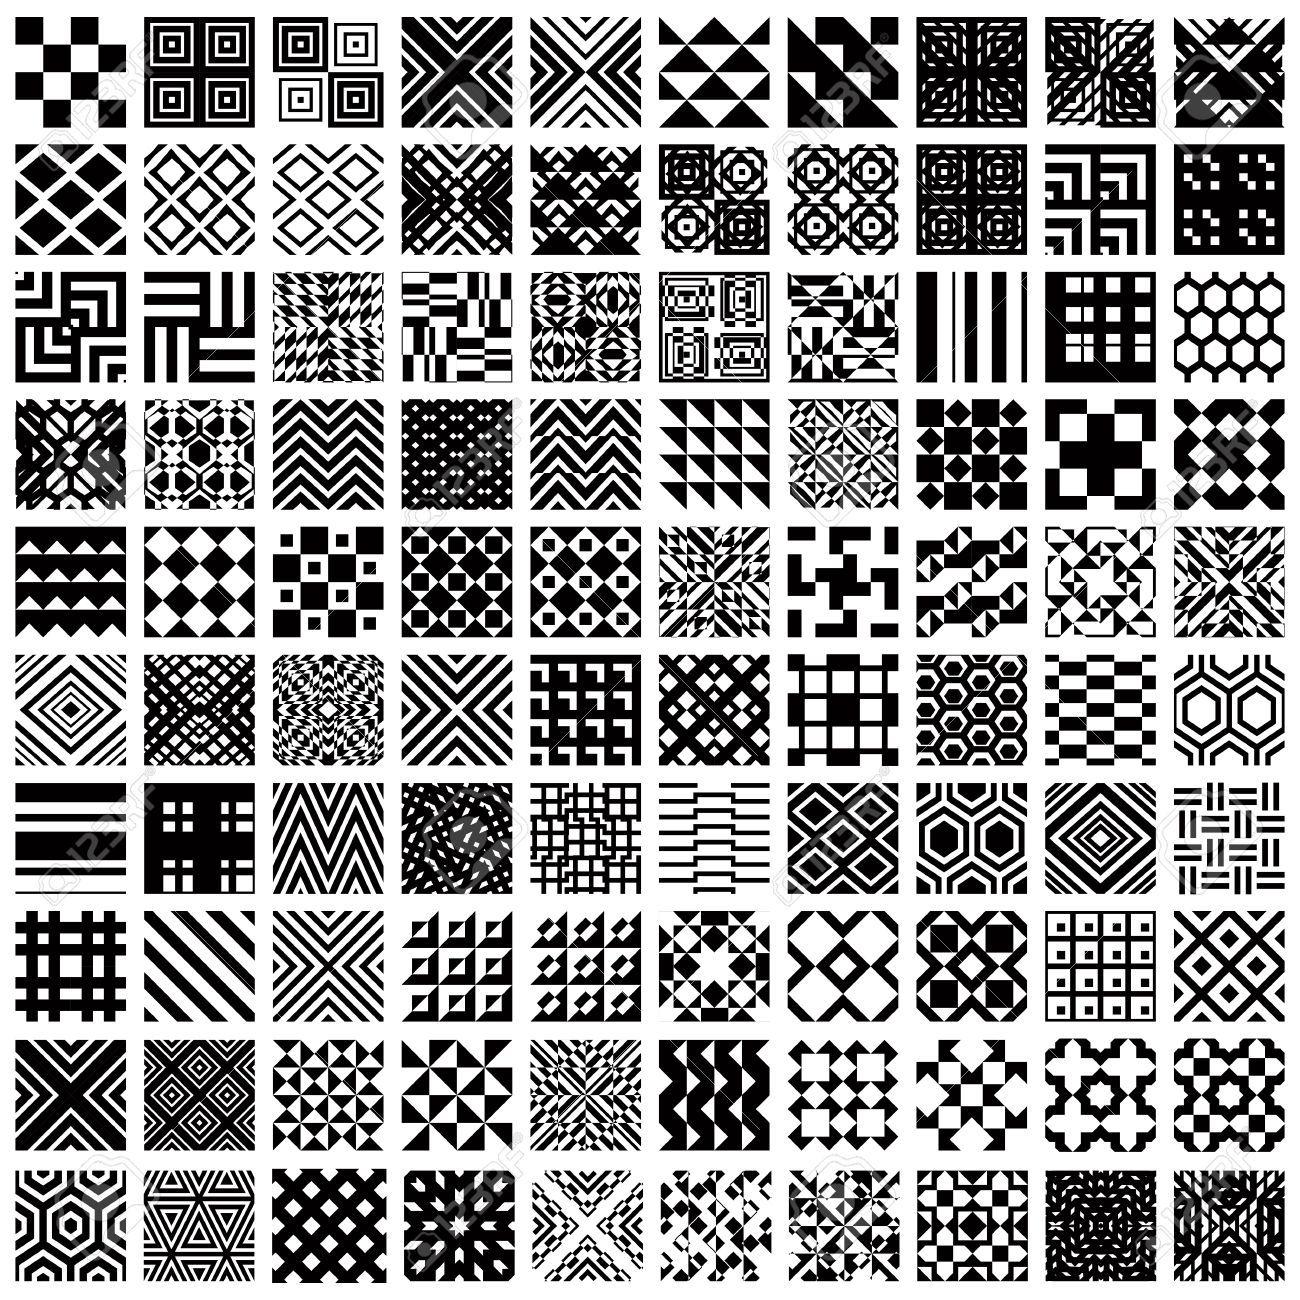 100 geometrische nahtlose muster eingestellt schwarz und wei vektor hintergr nde sammlung. Black Bedroom Furniture Sets. Home Design Ideas